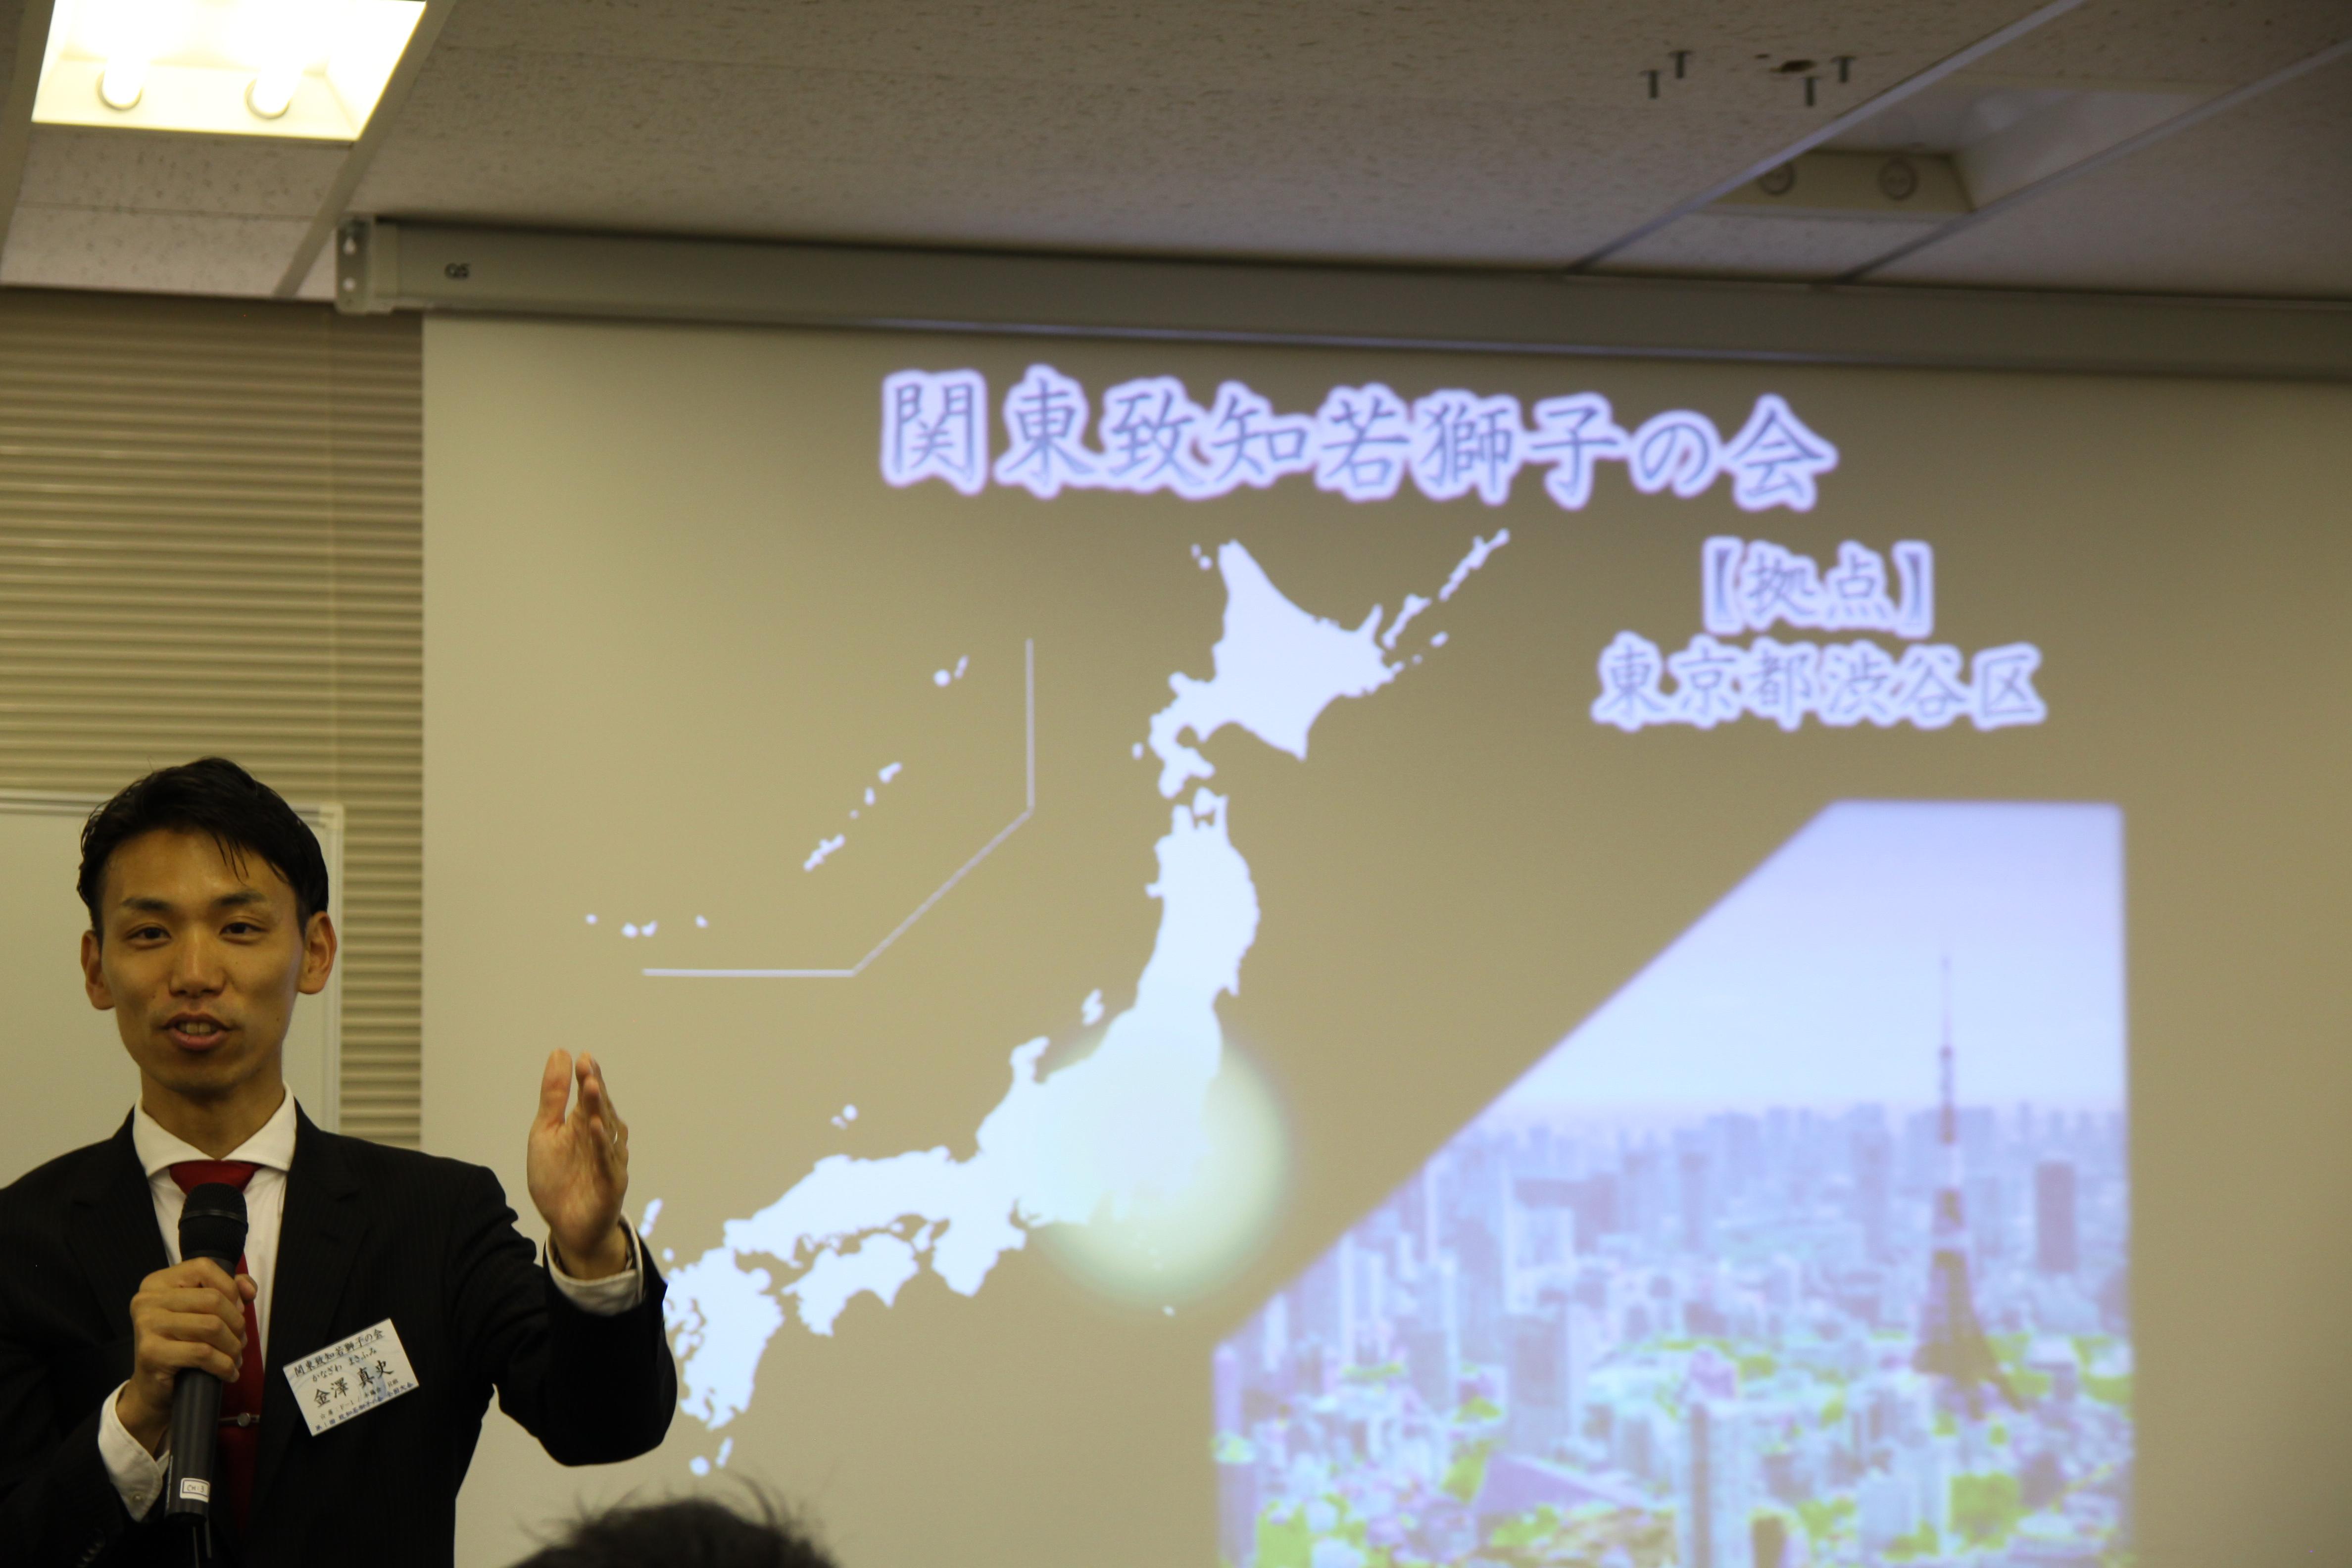 IMG 4634 - 関東若獅子の会、記念すべき第100回